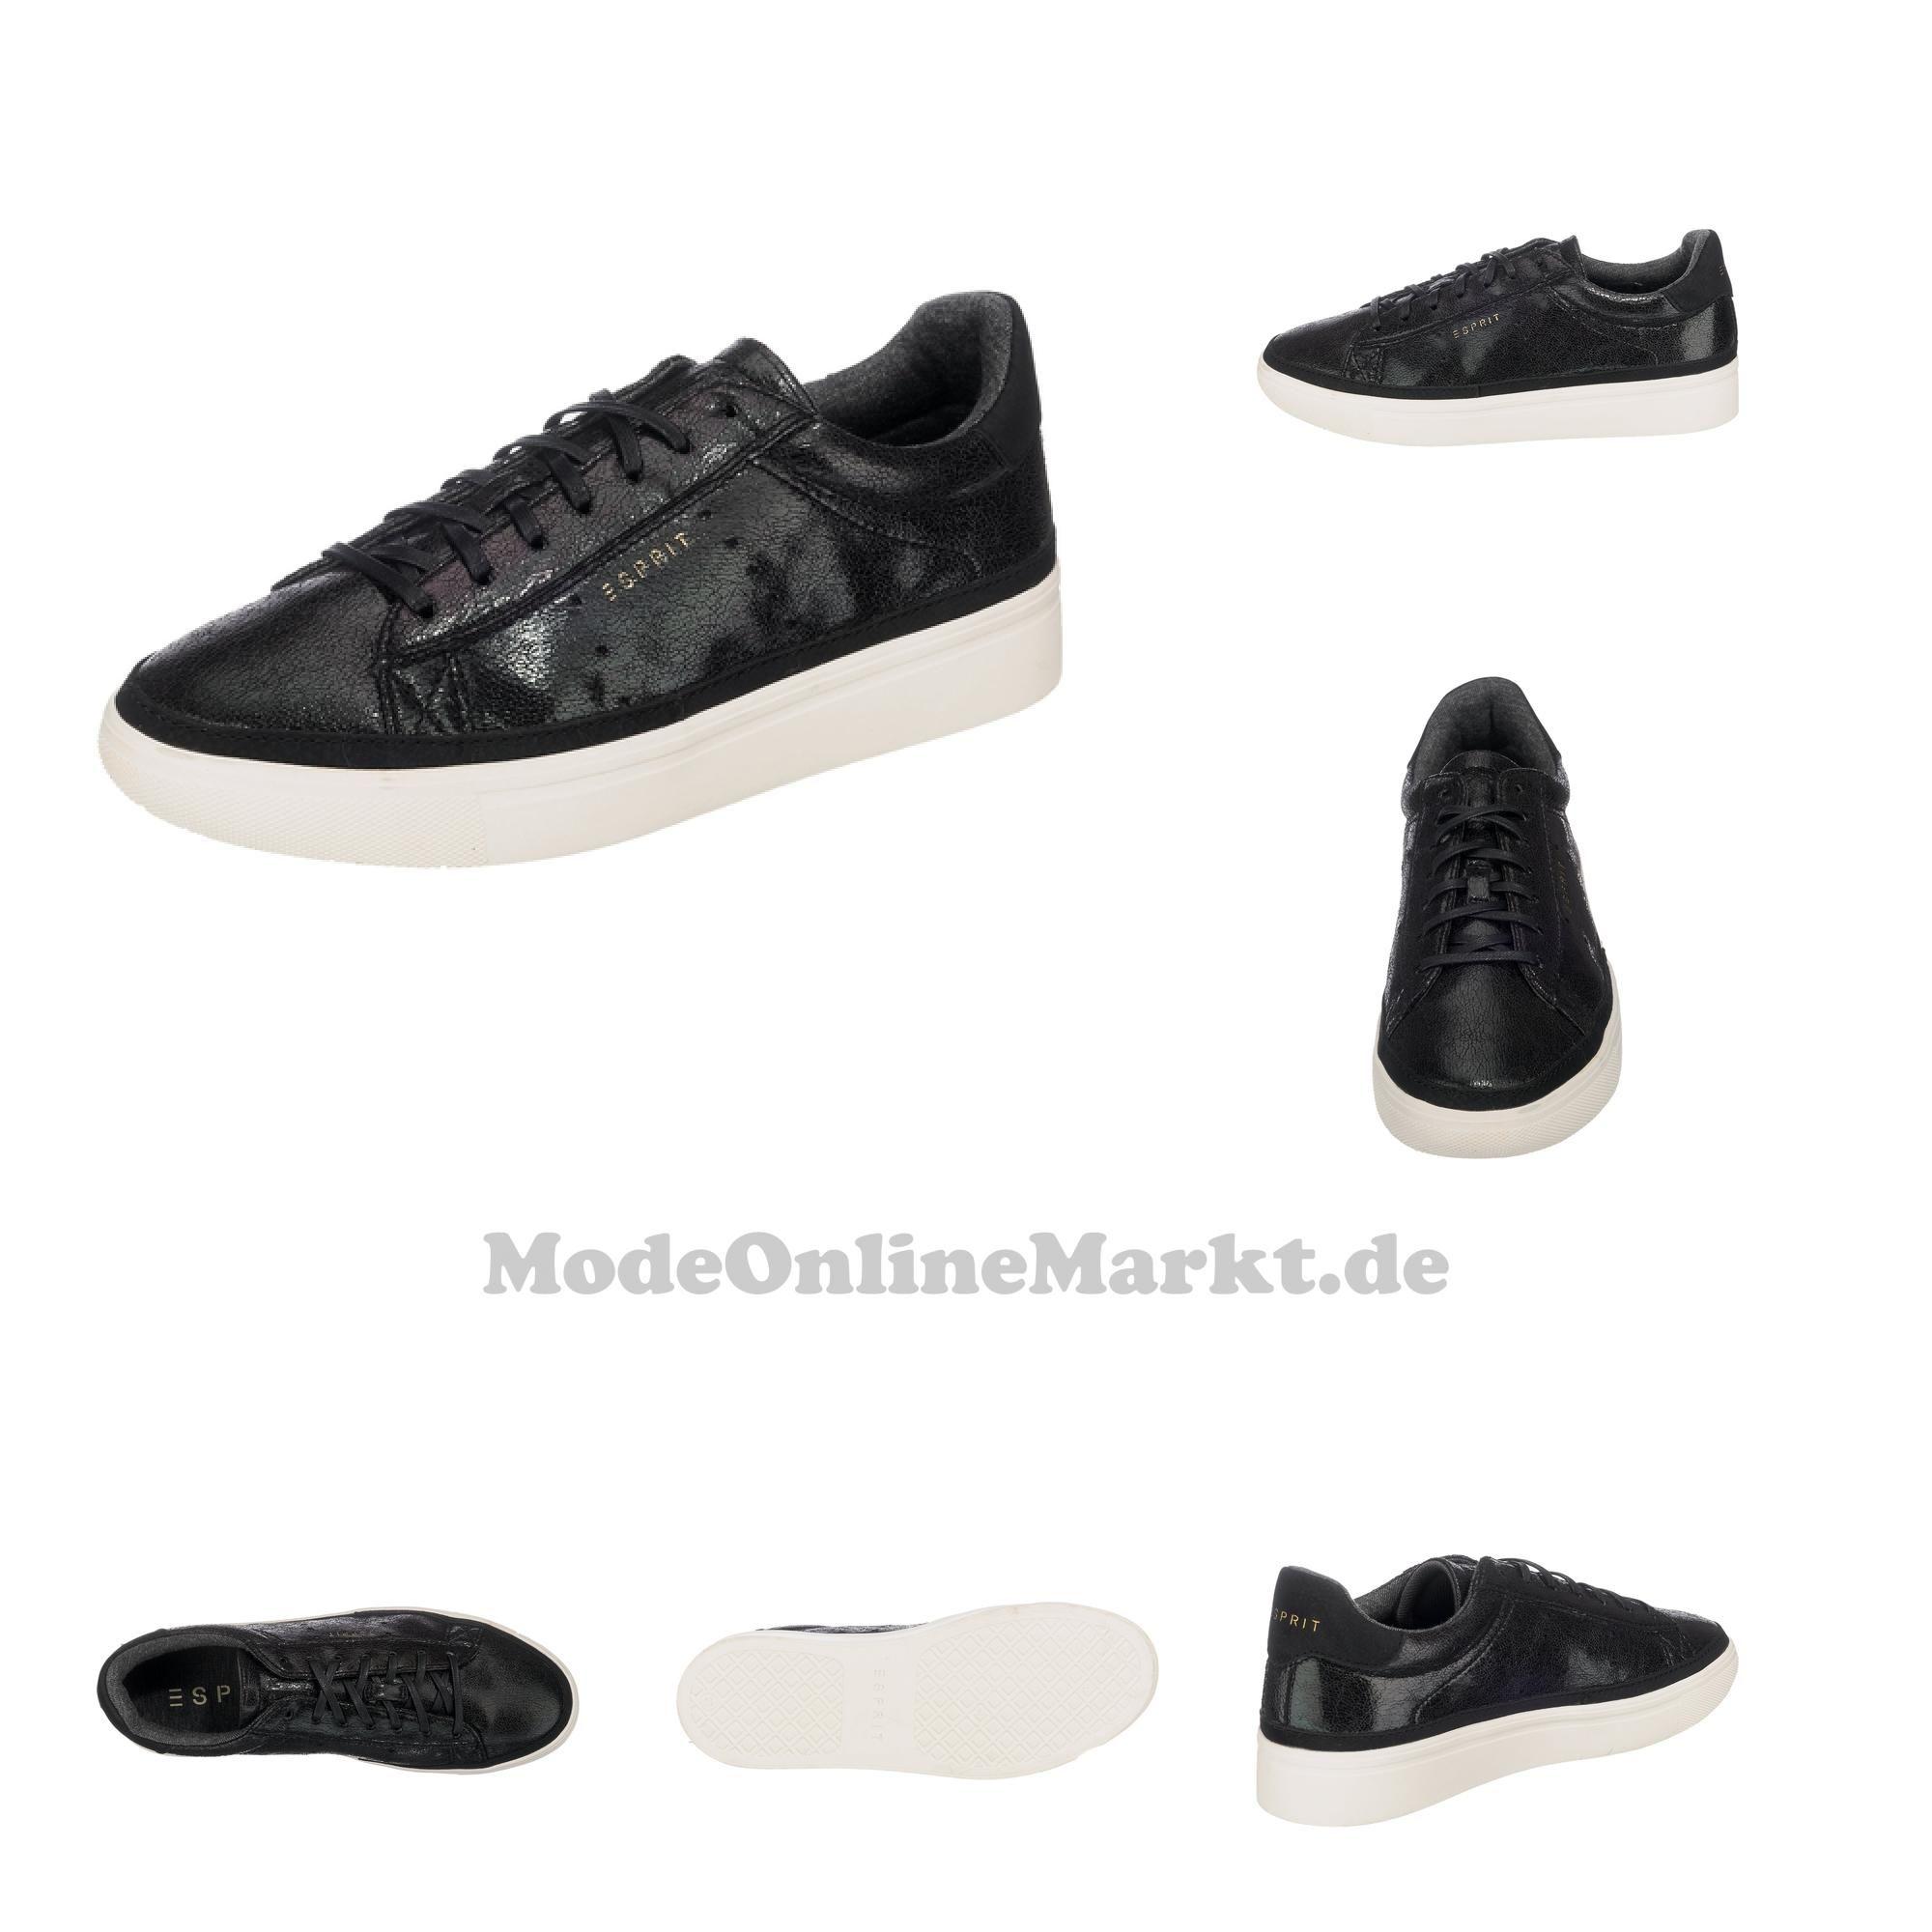 4057966617458 | #ESPRIT #Damen #Lizette #Lace #Up #Sneakers #schwarz